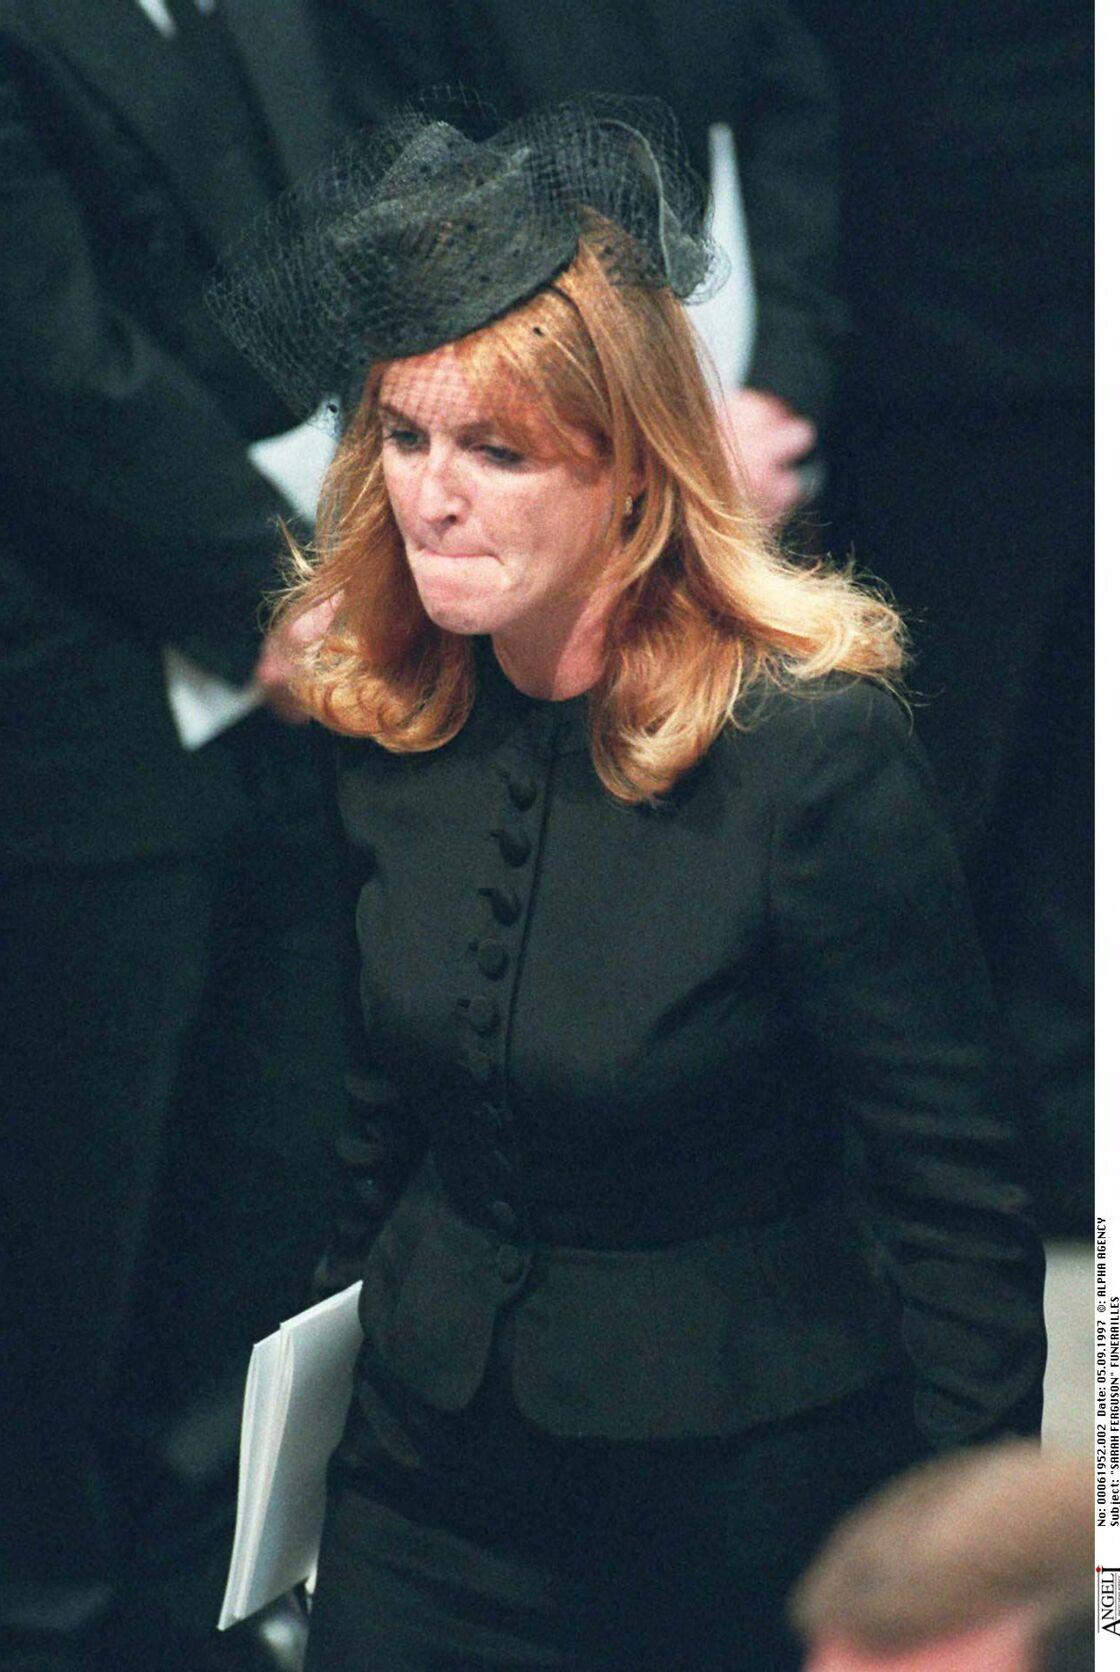 Bouleversée par la mort de Lady Di, disparue tragiquement en août 1997, Sarah ne parviendra jamais à l'oublier